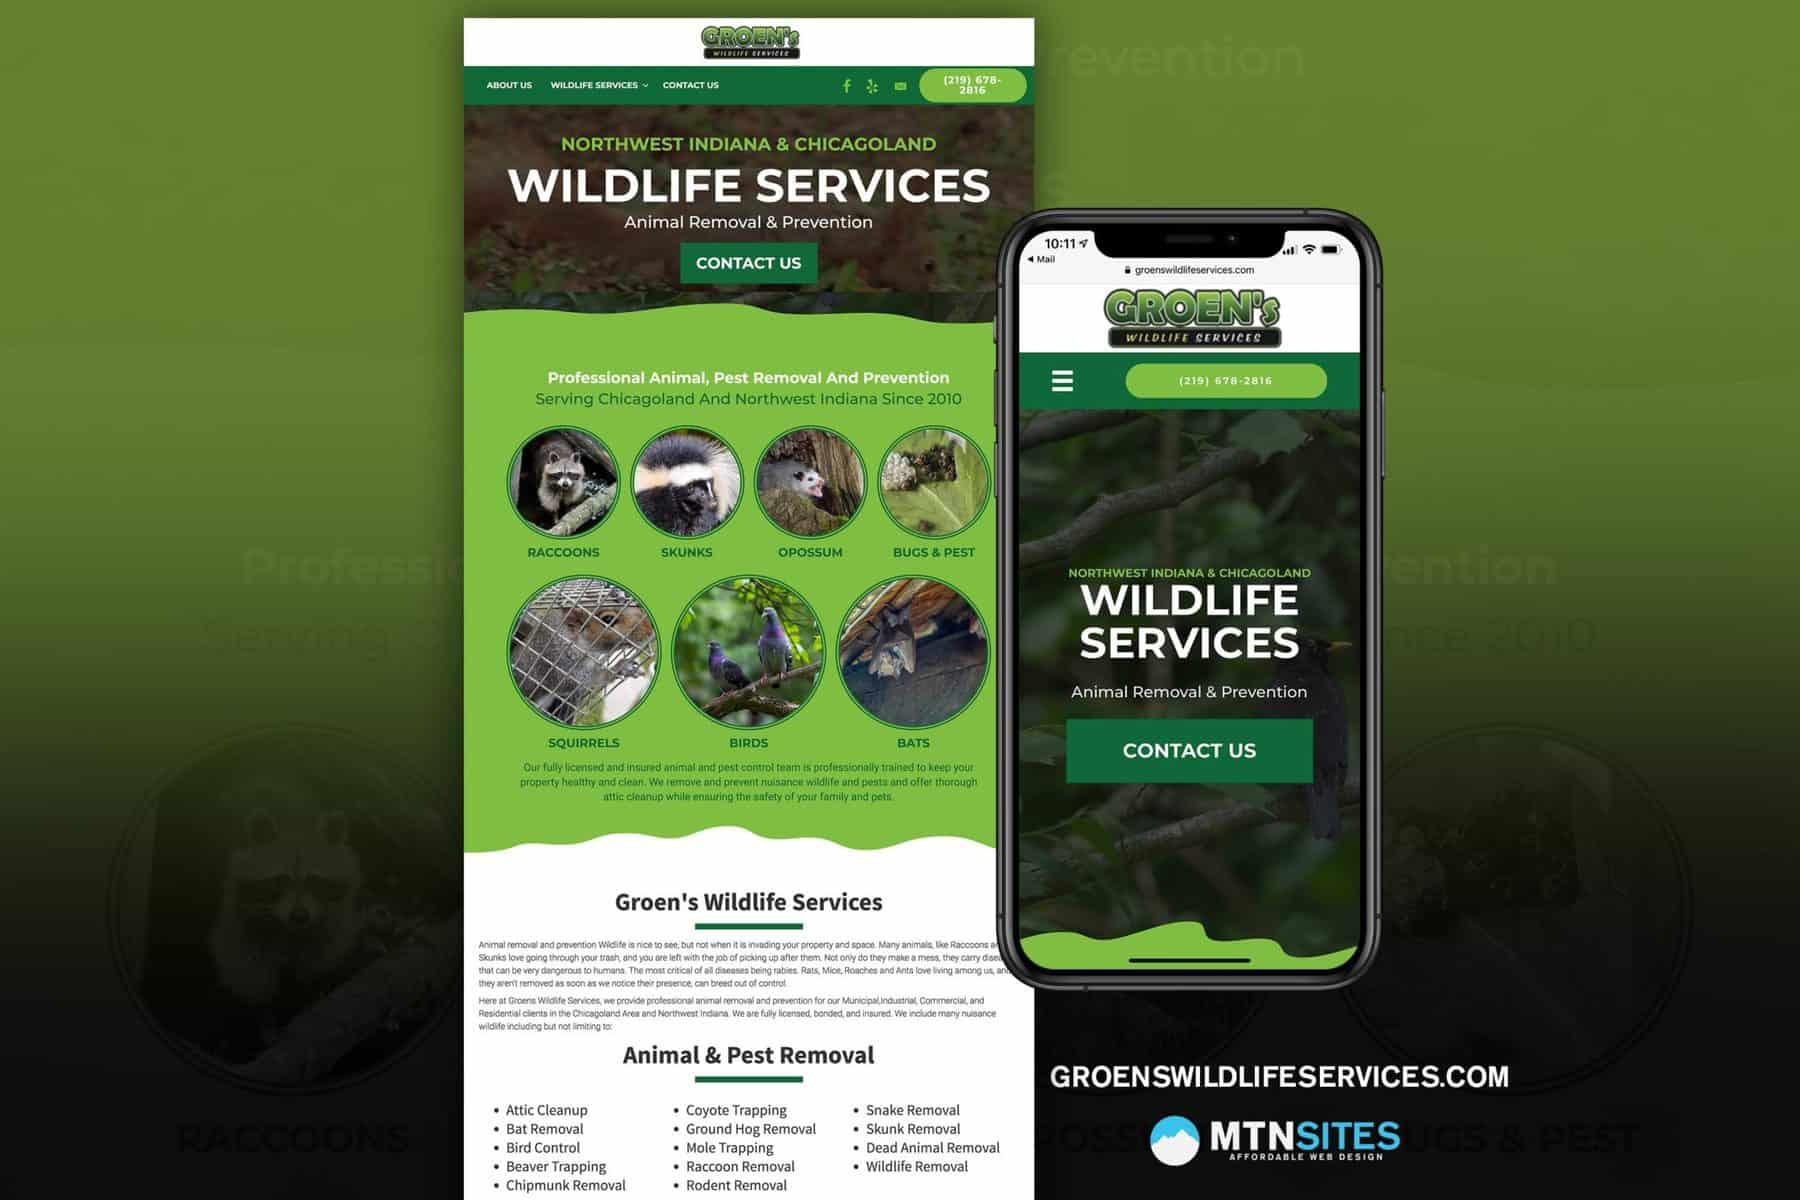 groenswildlifeservices